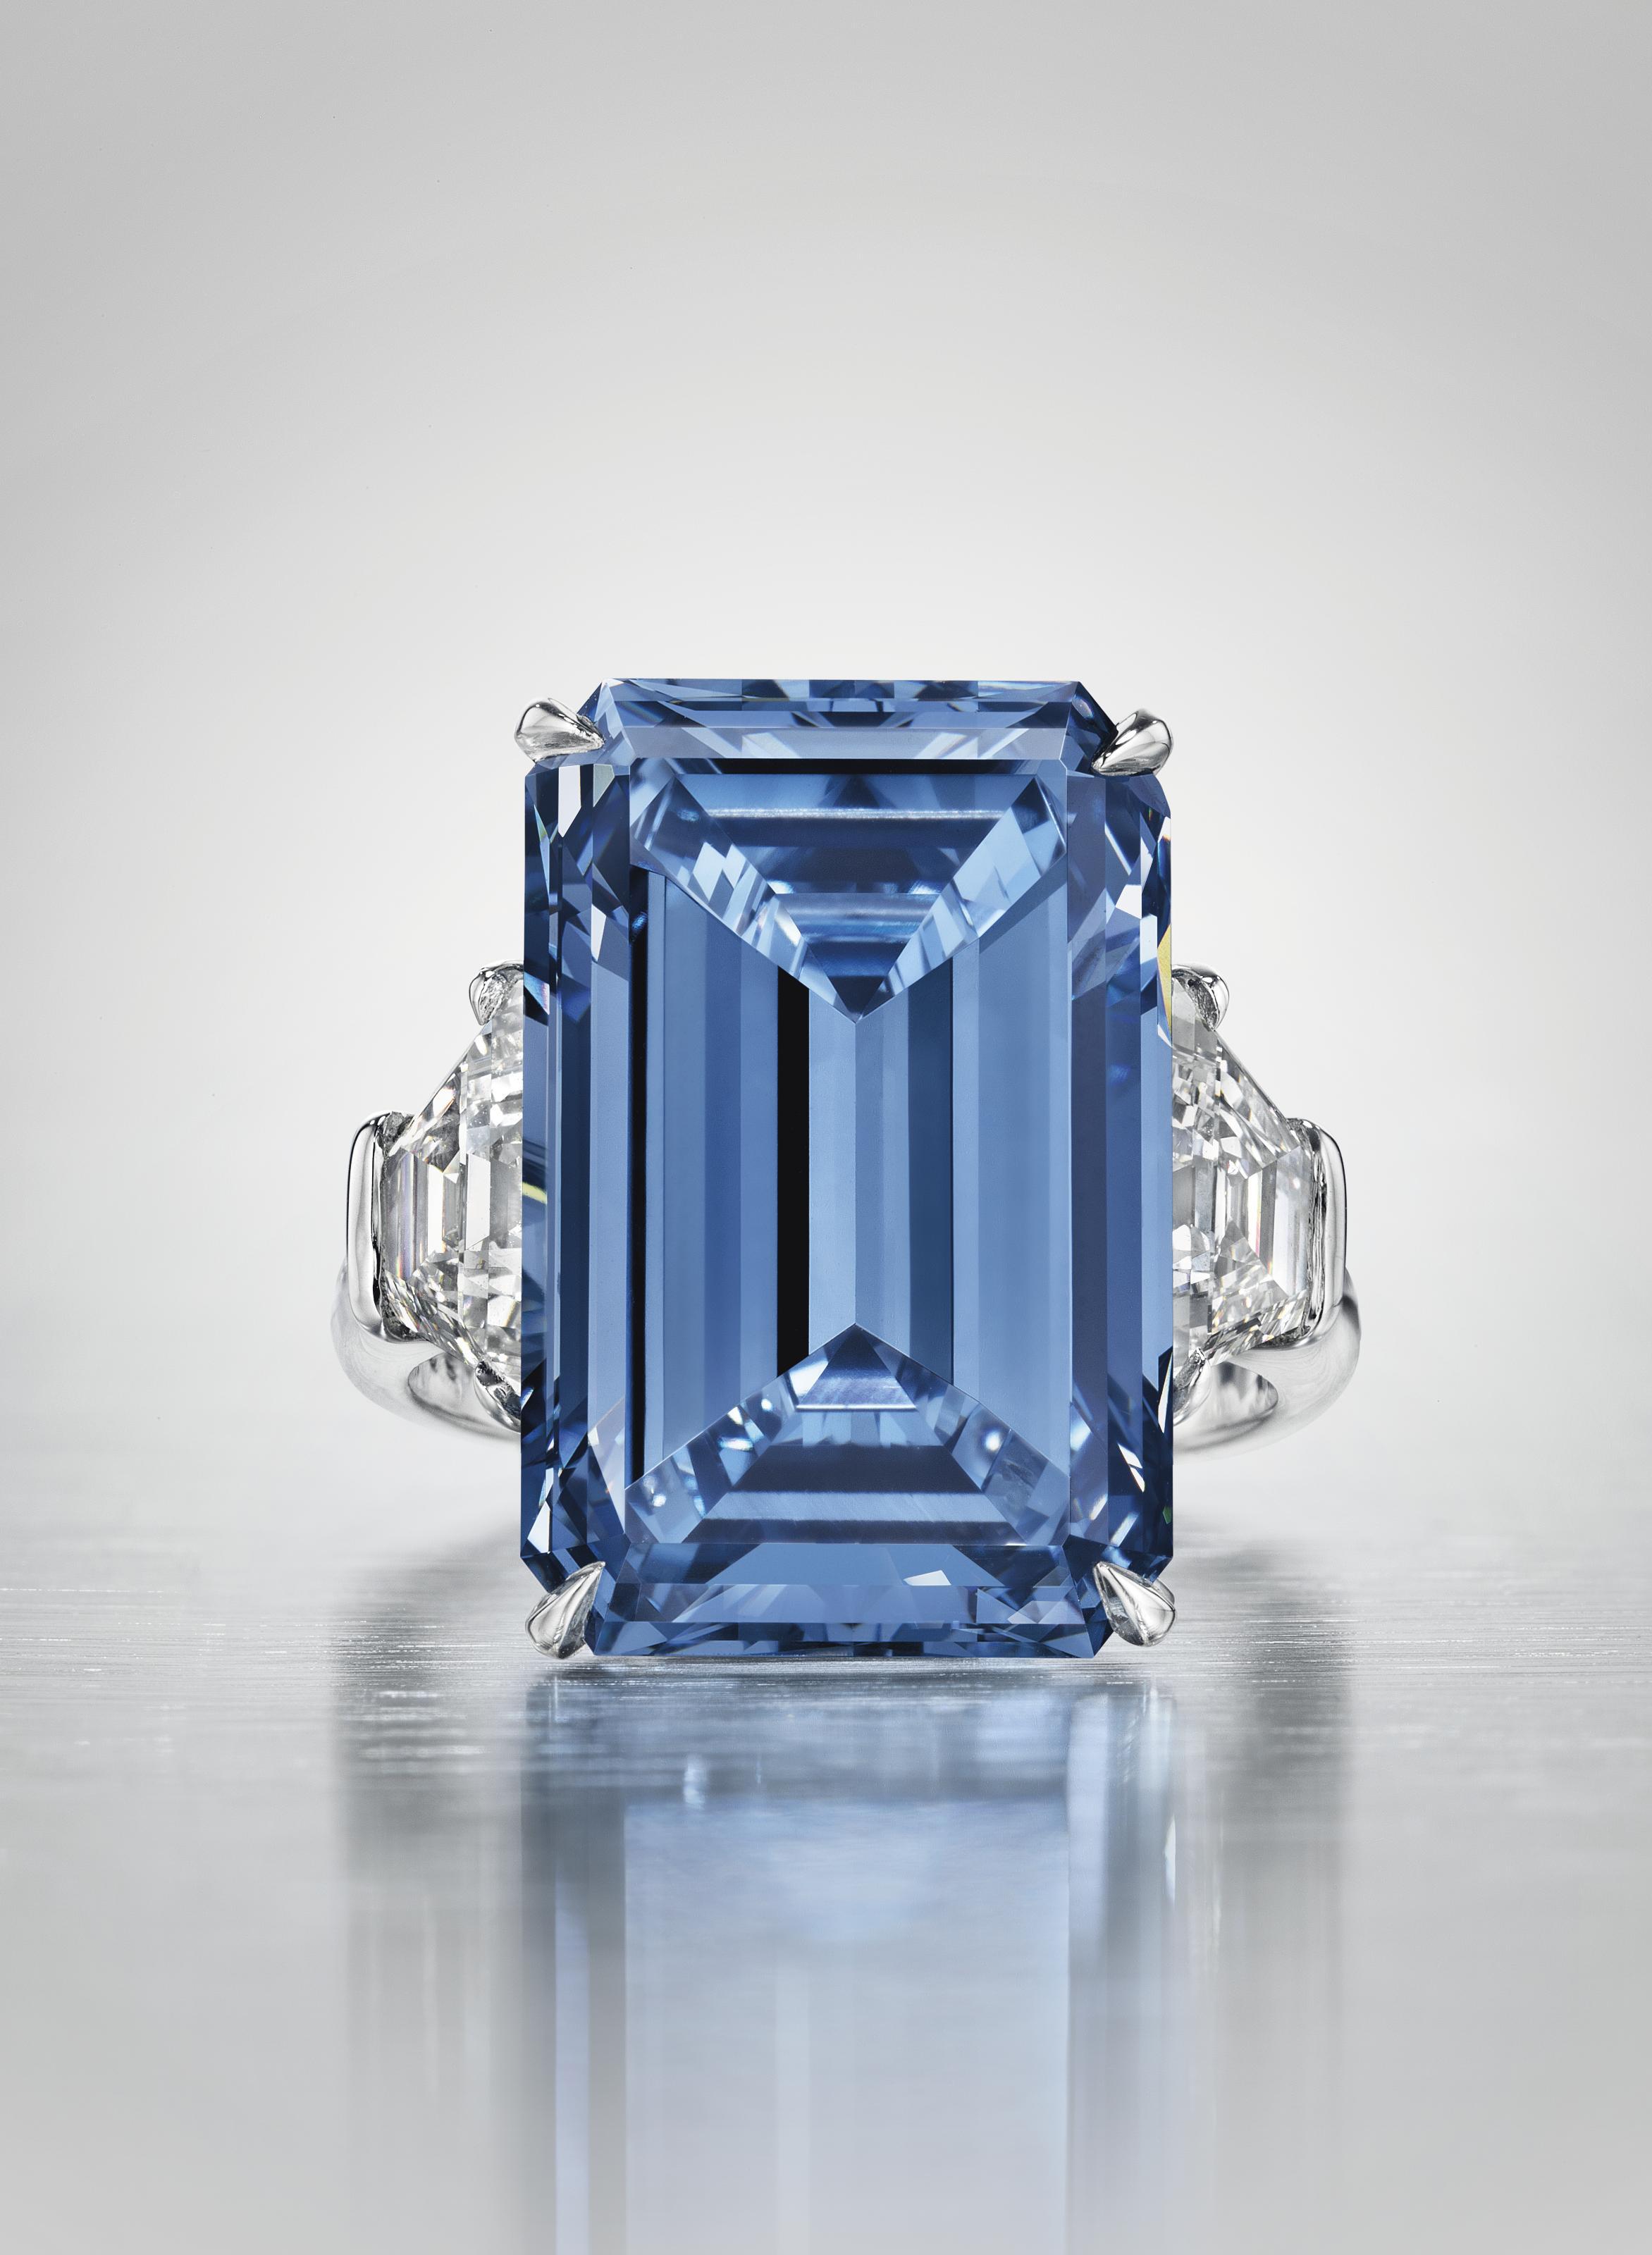 THE OPPENHEIMER BLUE A SENSATIONAL COLOURED DIAMOND RING